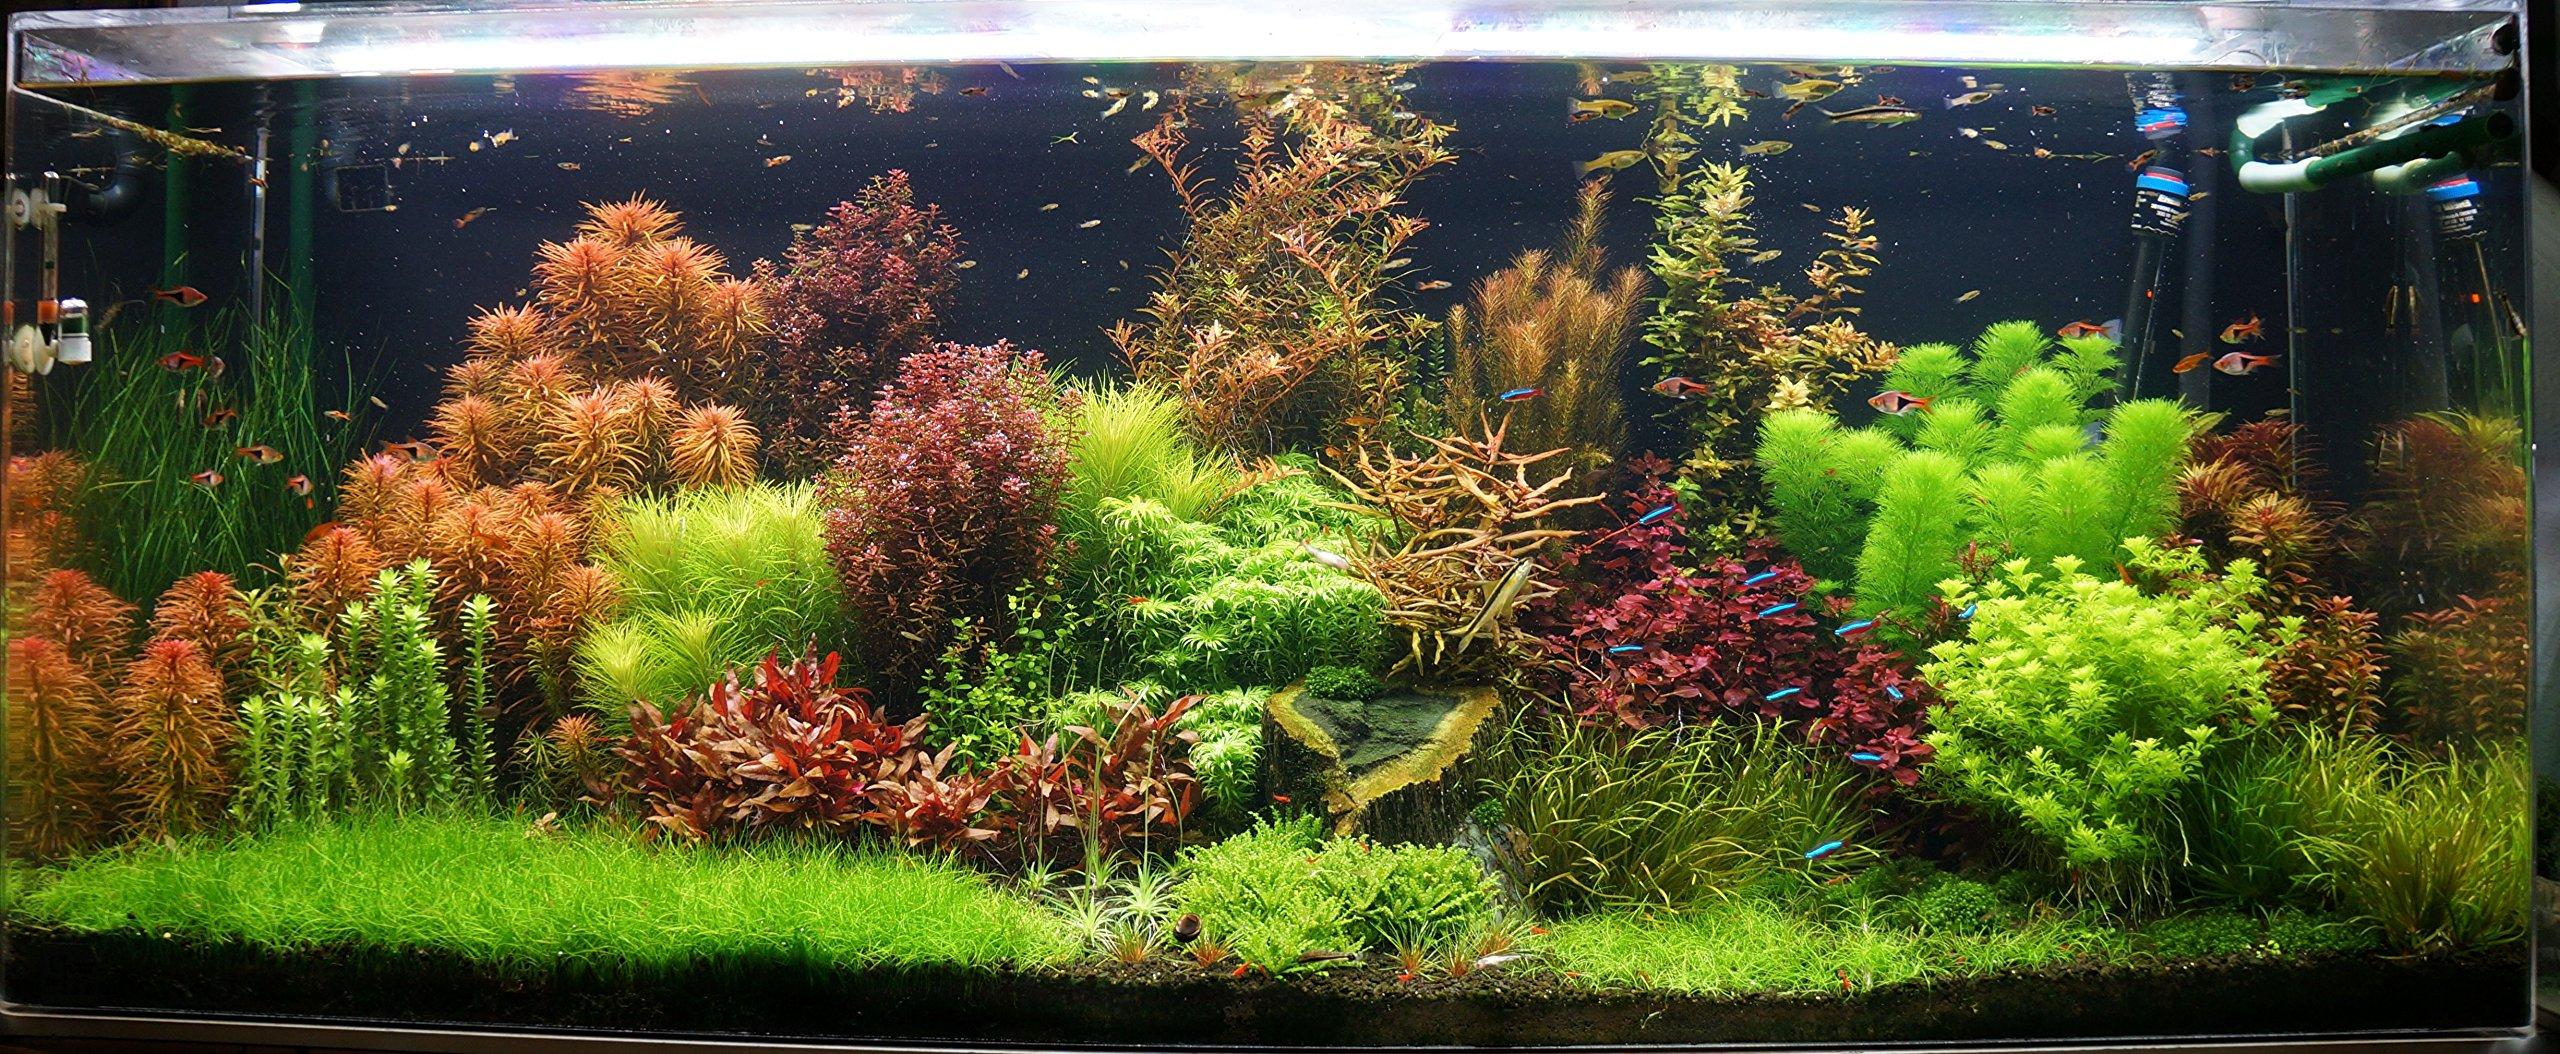 Biotope Aquatics Ltd – 50 Live Aquarium Plants Tropical Aquatic Plants for your fish tank – rooted and stems